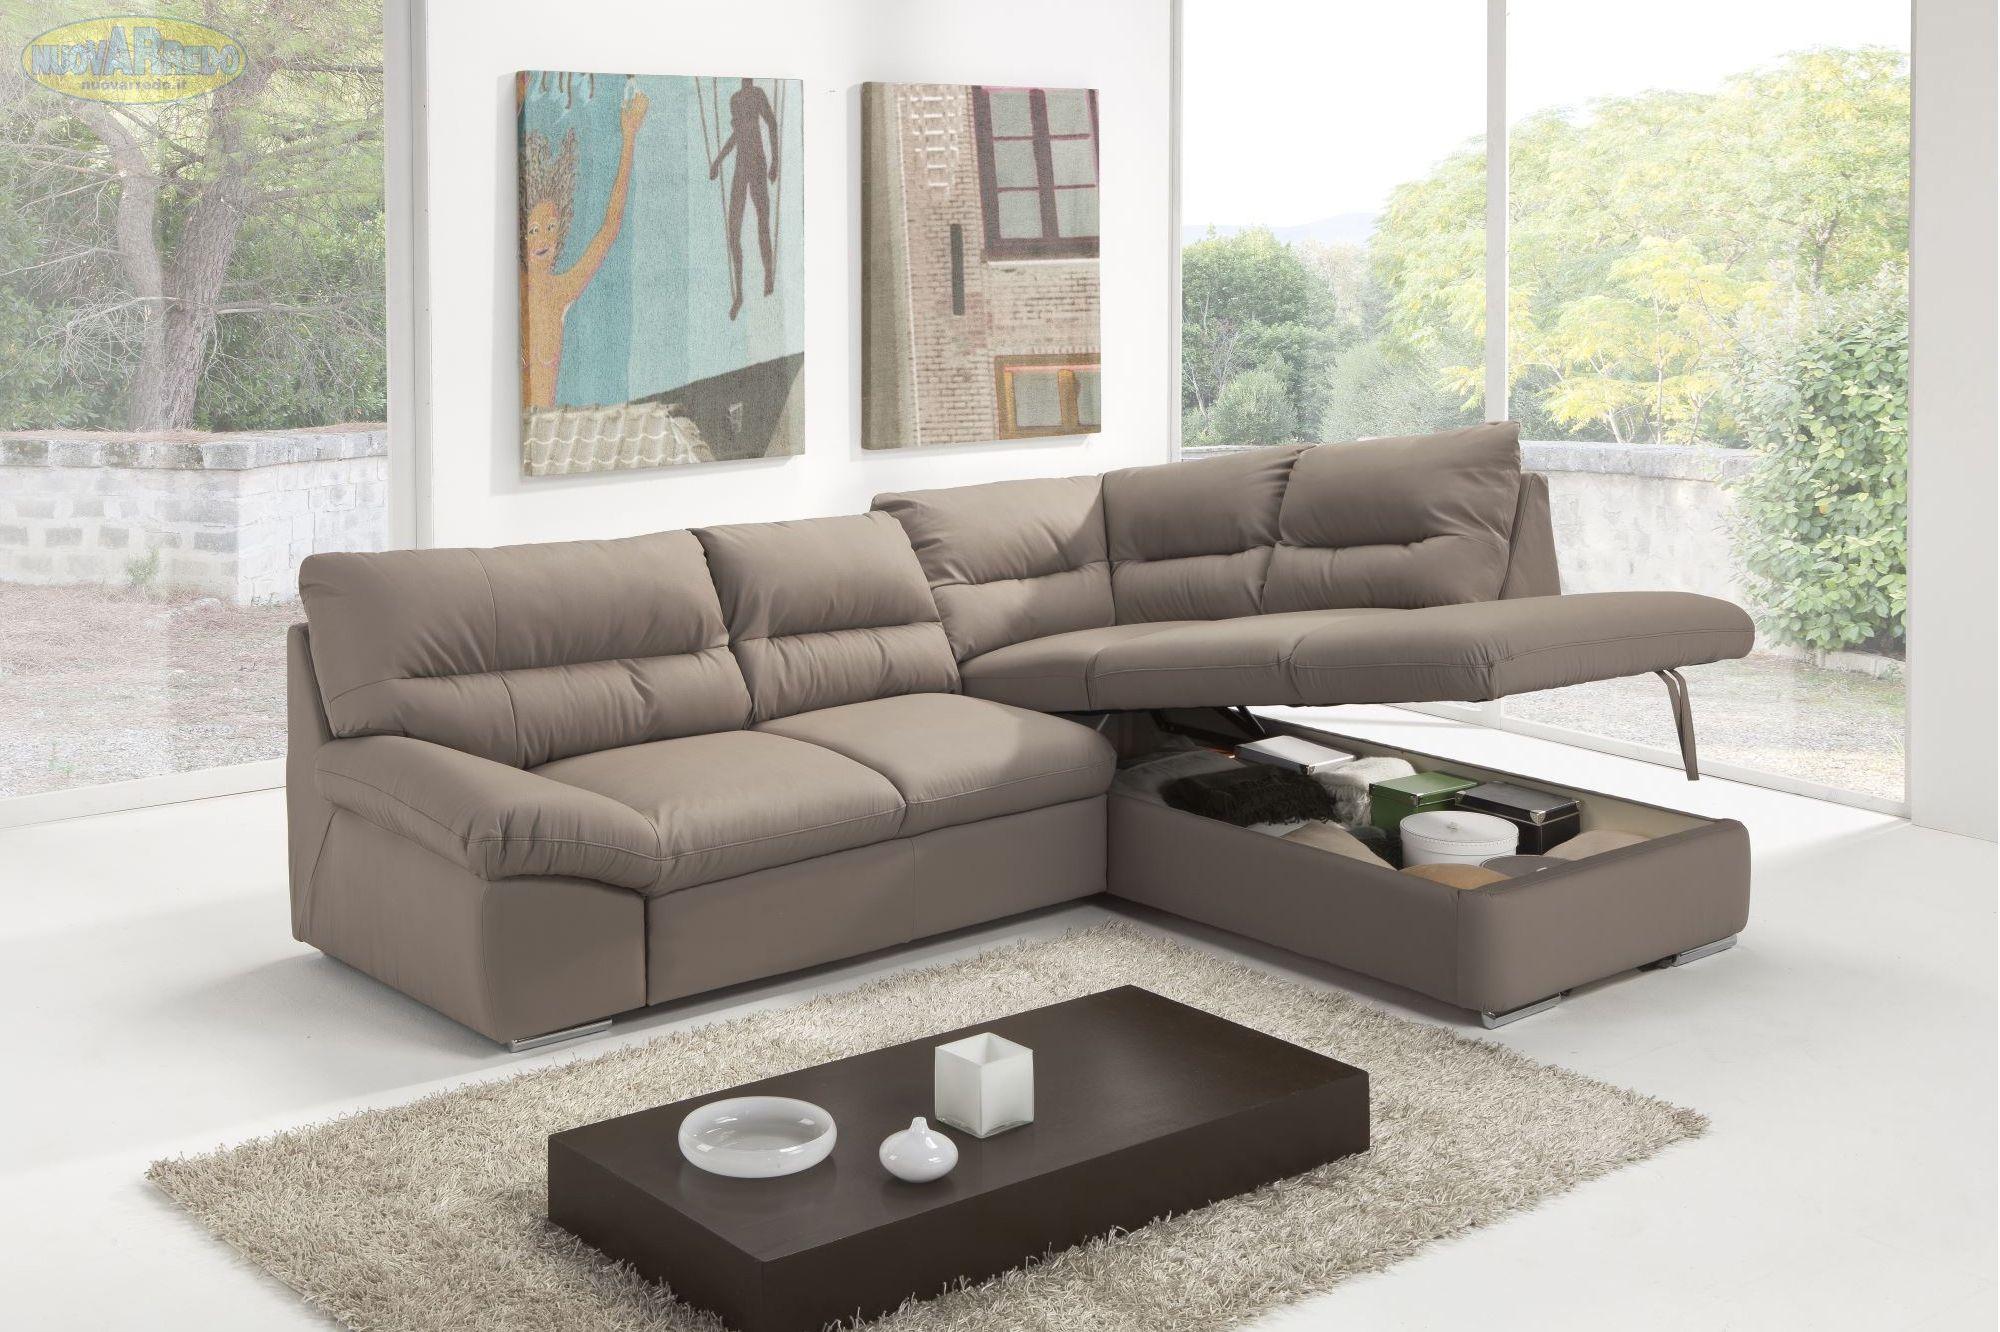 Divano Angolare Piccole Dimensioni prezzo: € 899 divano angolare in ecopelle argento con